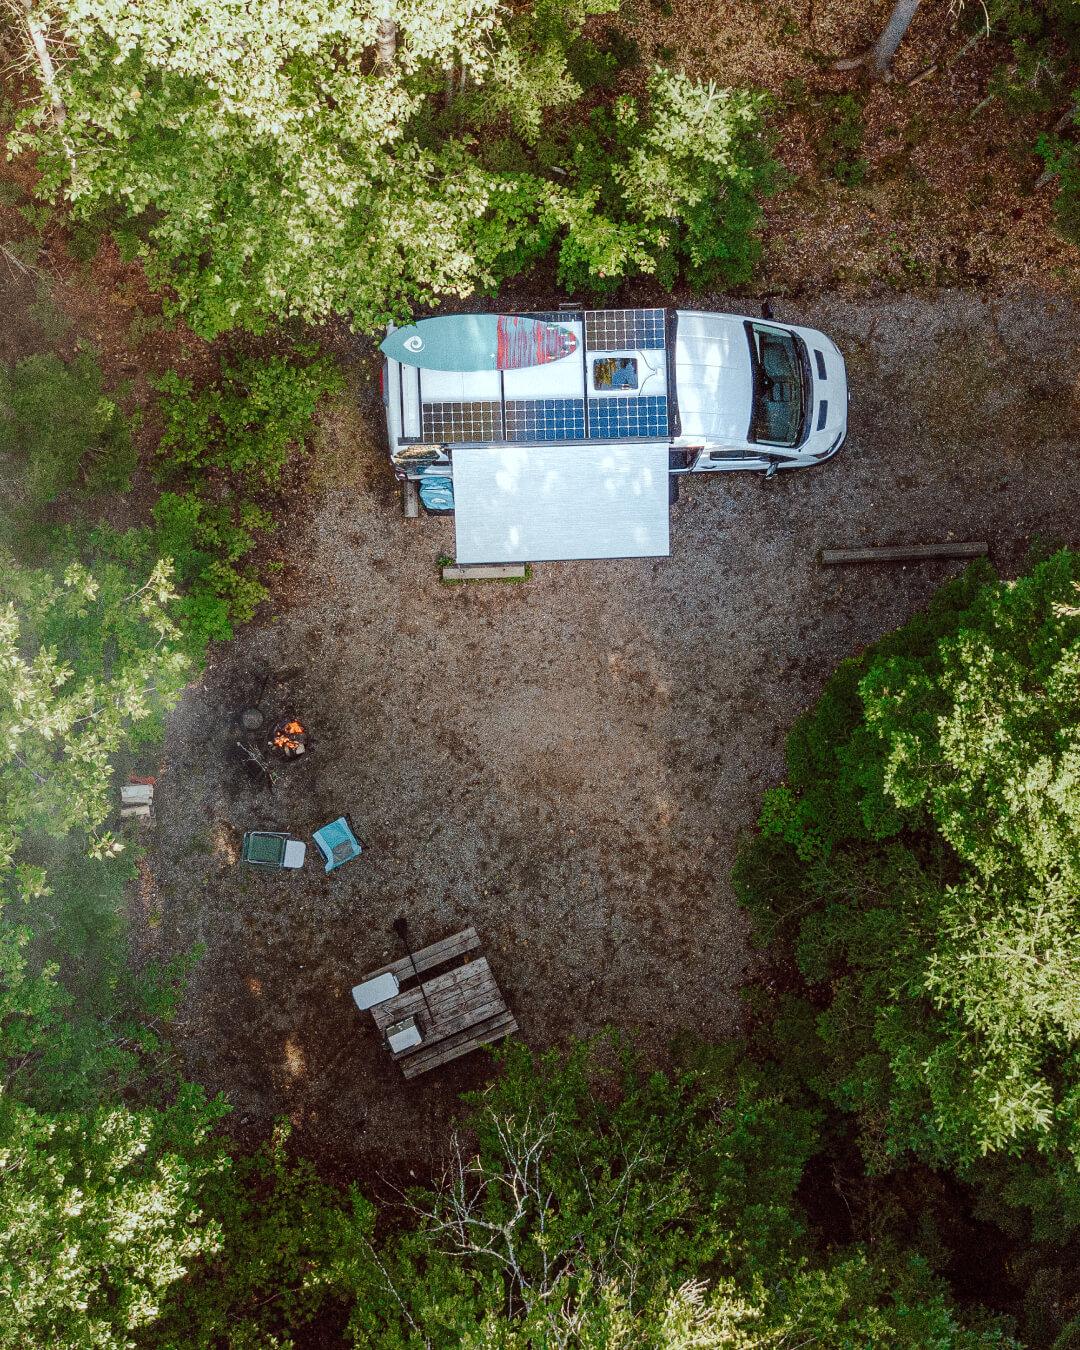 Vue aérienne campeur